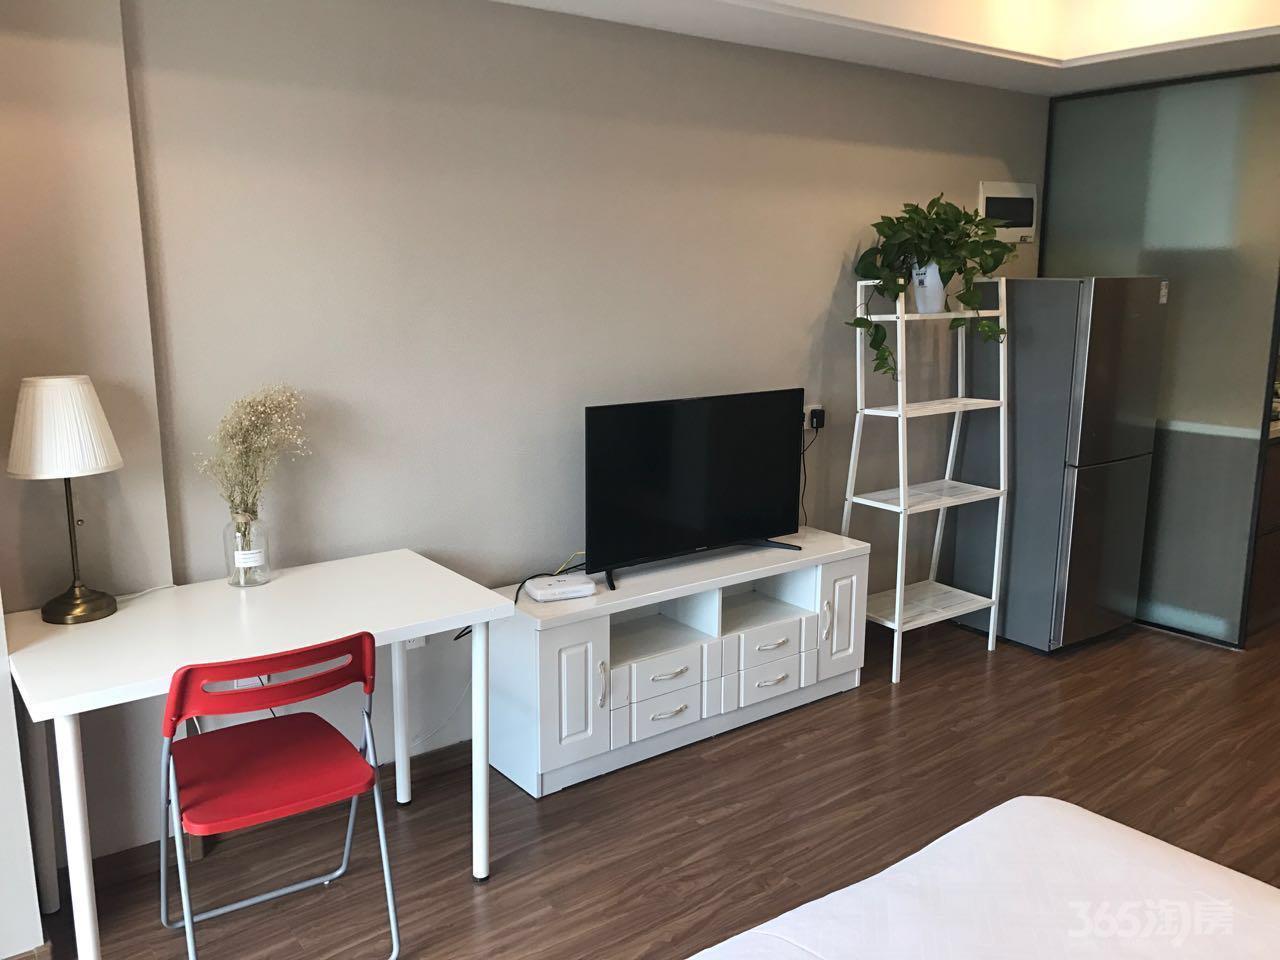 万科九都荟公寓1室1厅1卫49平米精装产权房2017年建